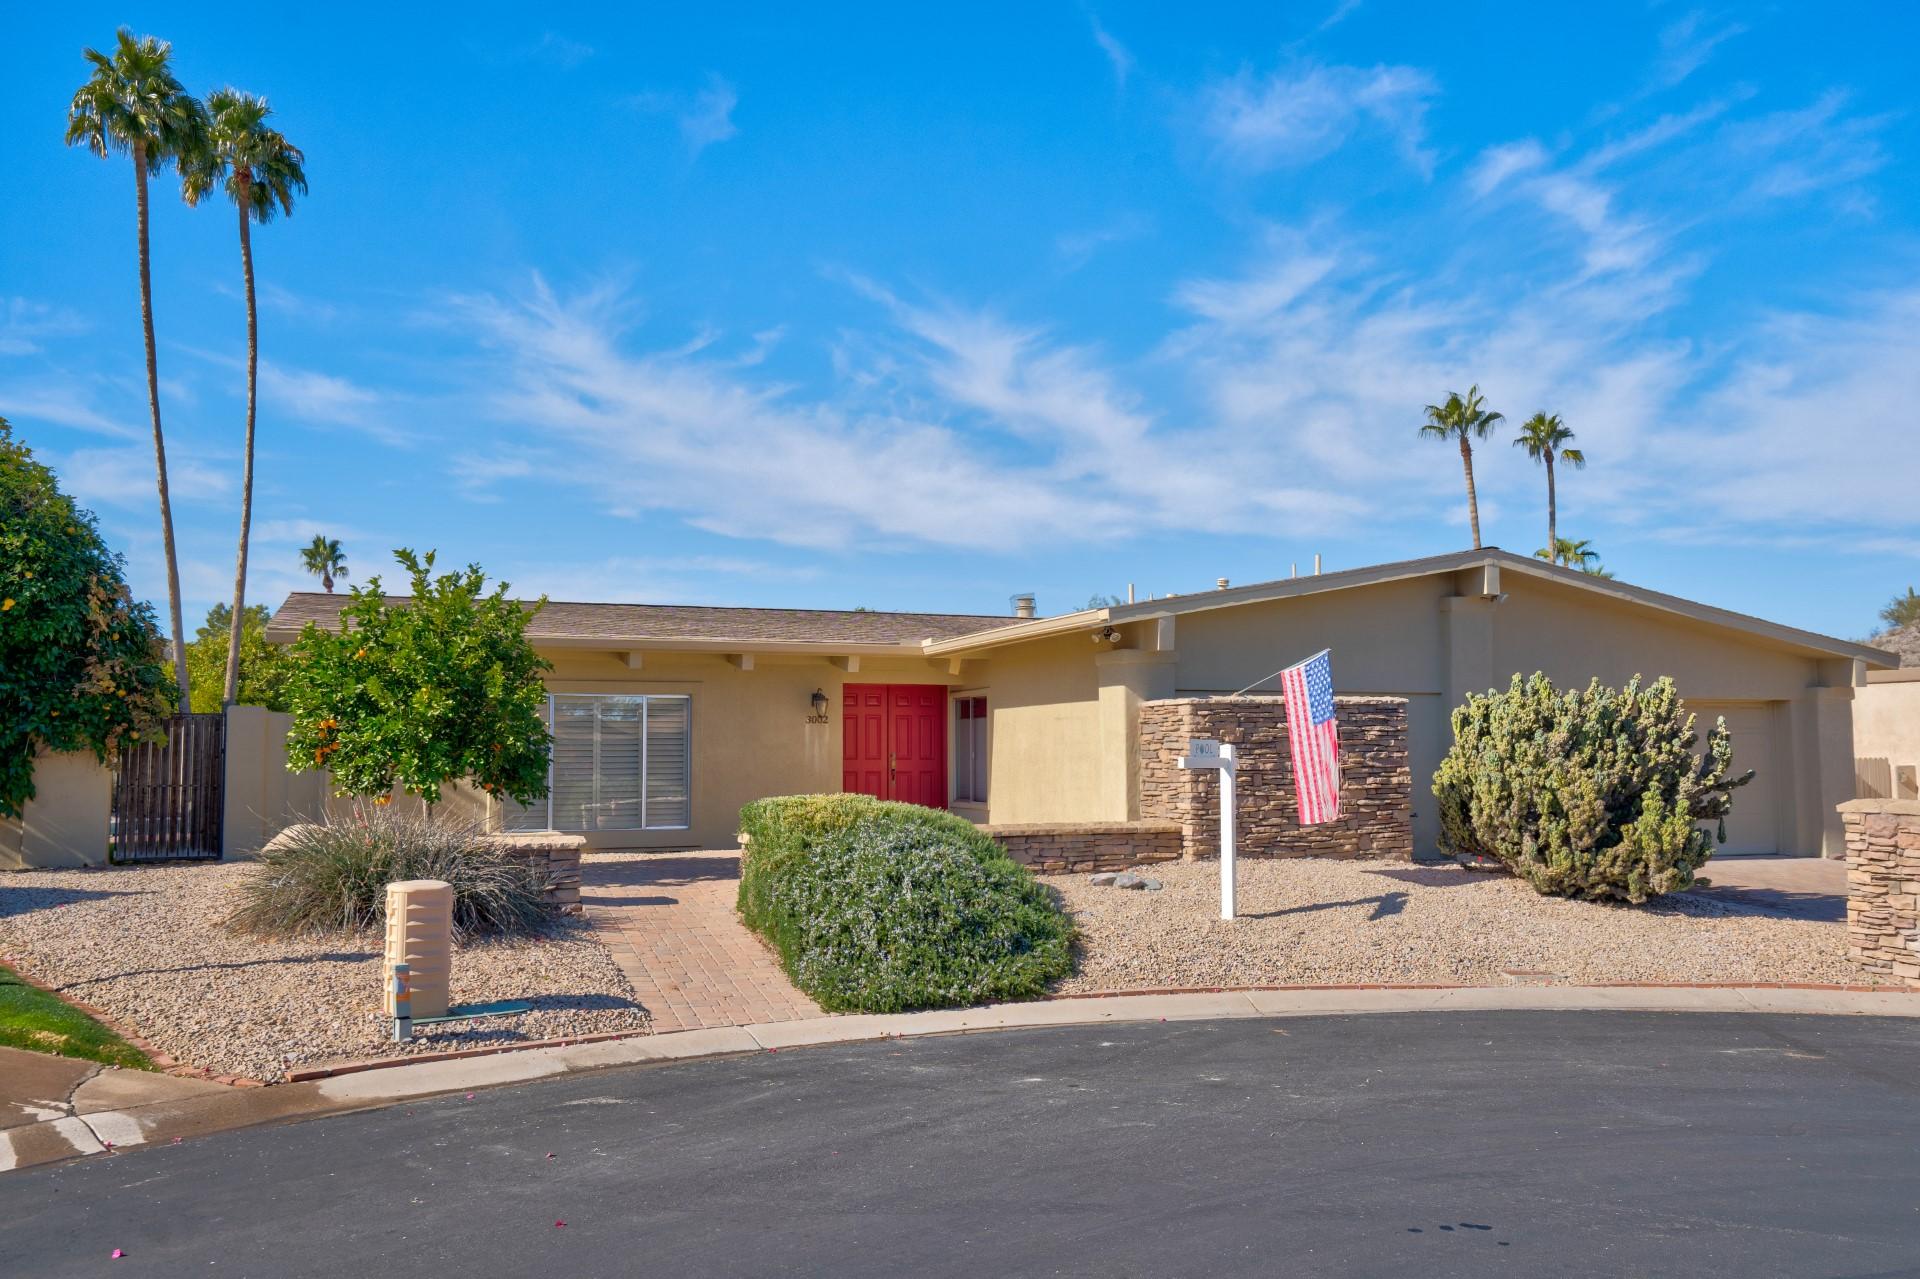 3002 E Golden Vista Ln., Phoenix, AZ 85028